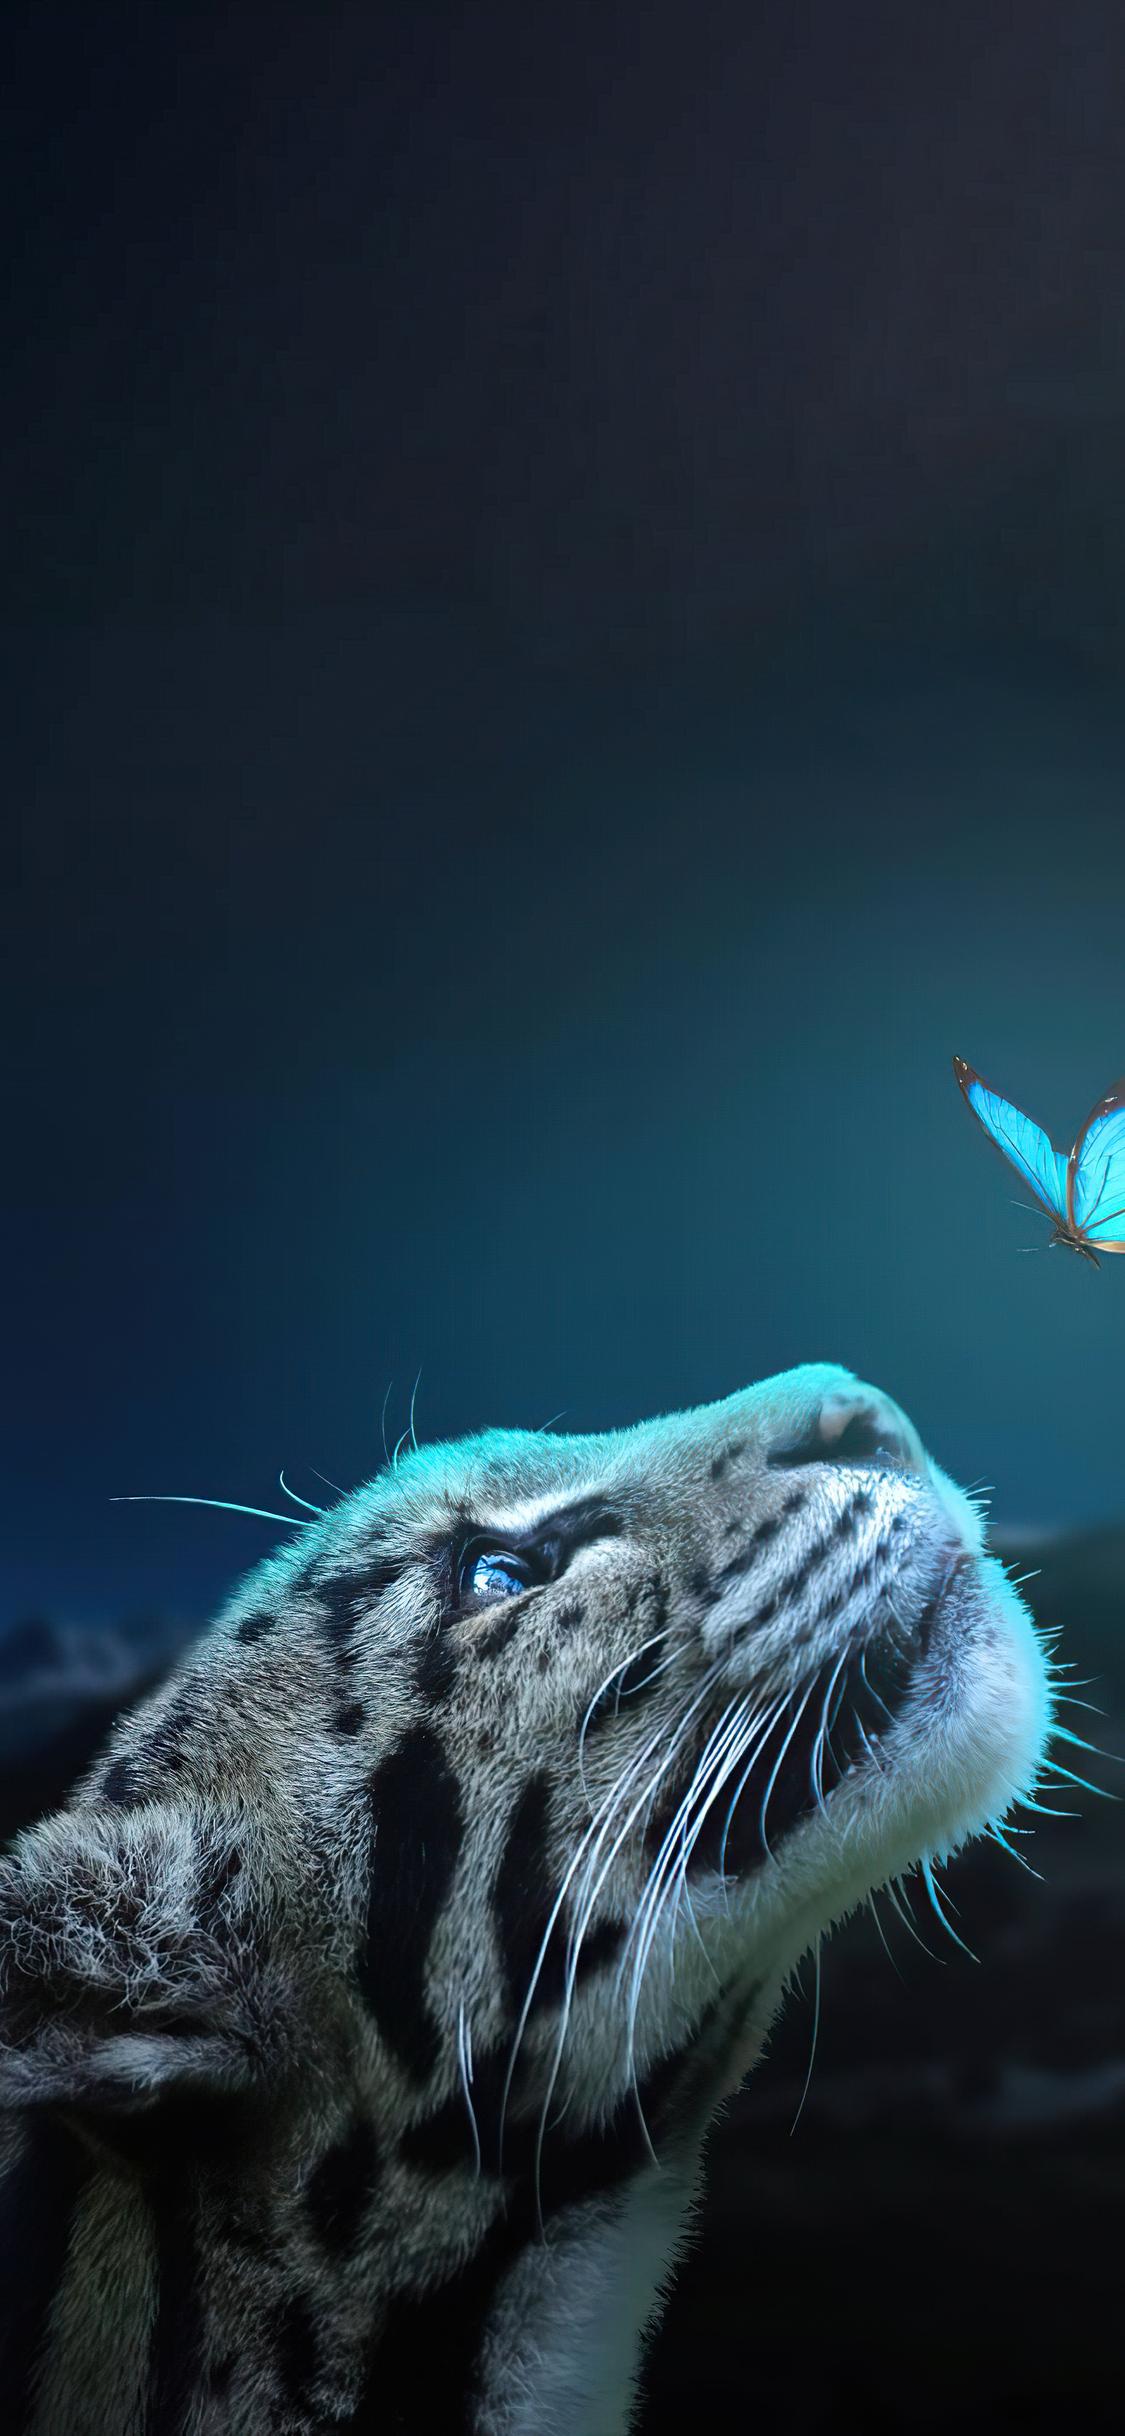 leopard-butterfly-connection-5k-2k.jpg